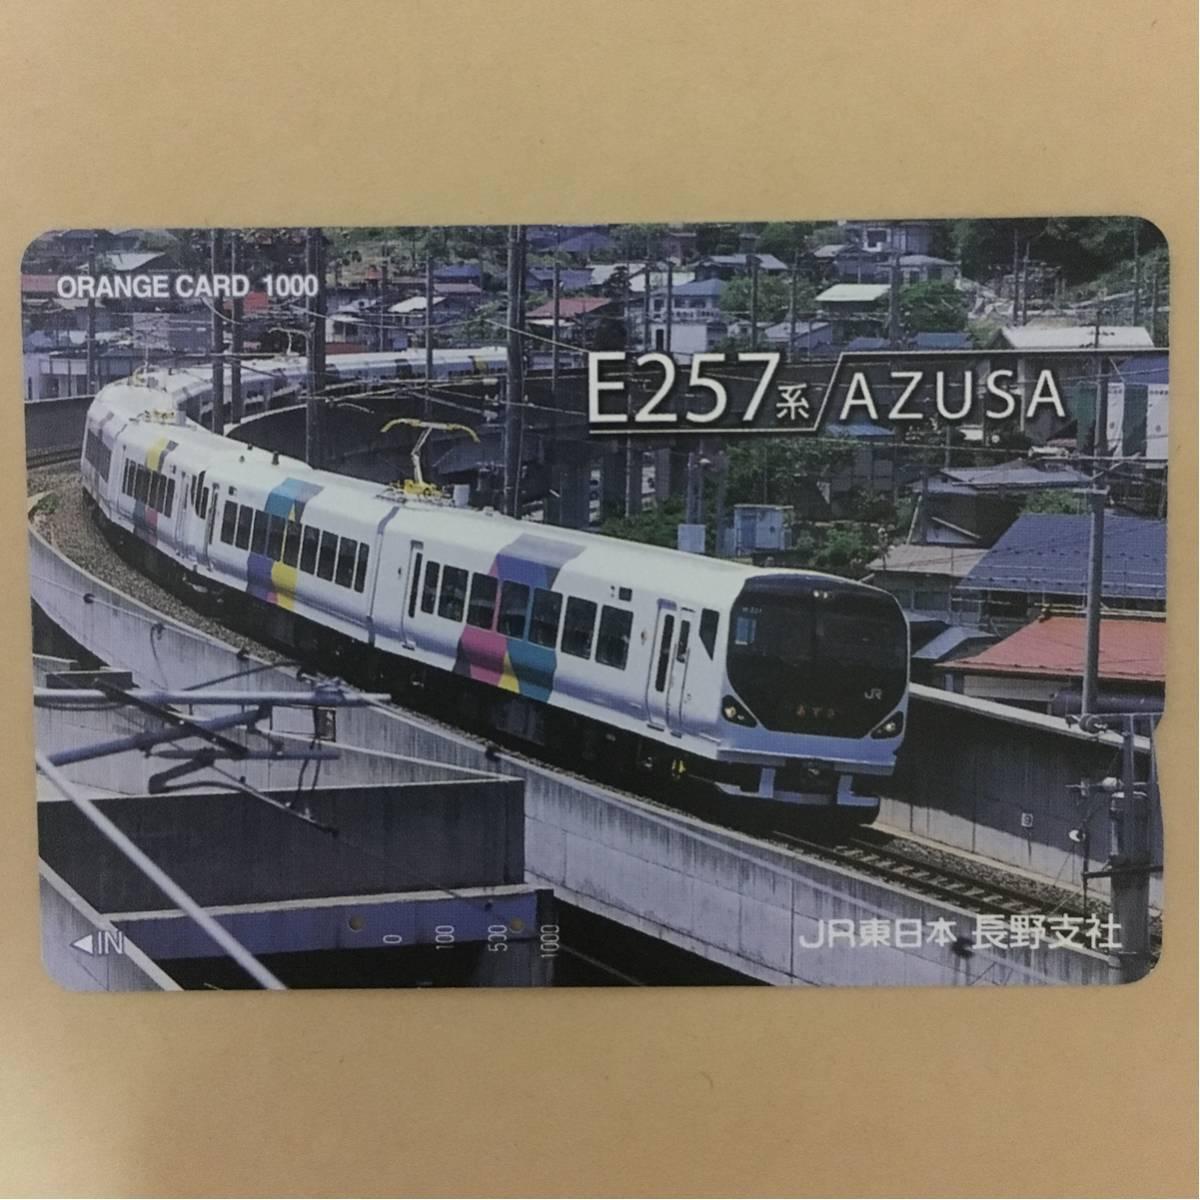 【使用済】 オレンジカード JR東日本 E257系 あずさ_画像1